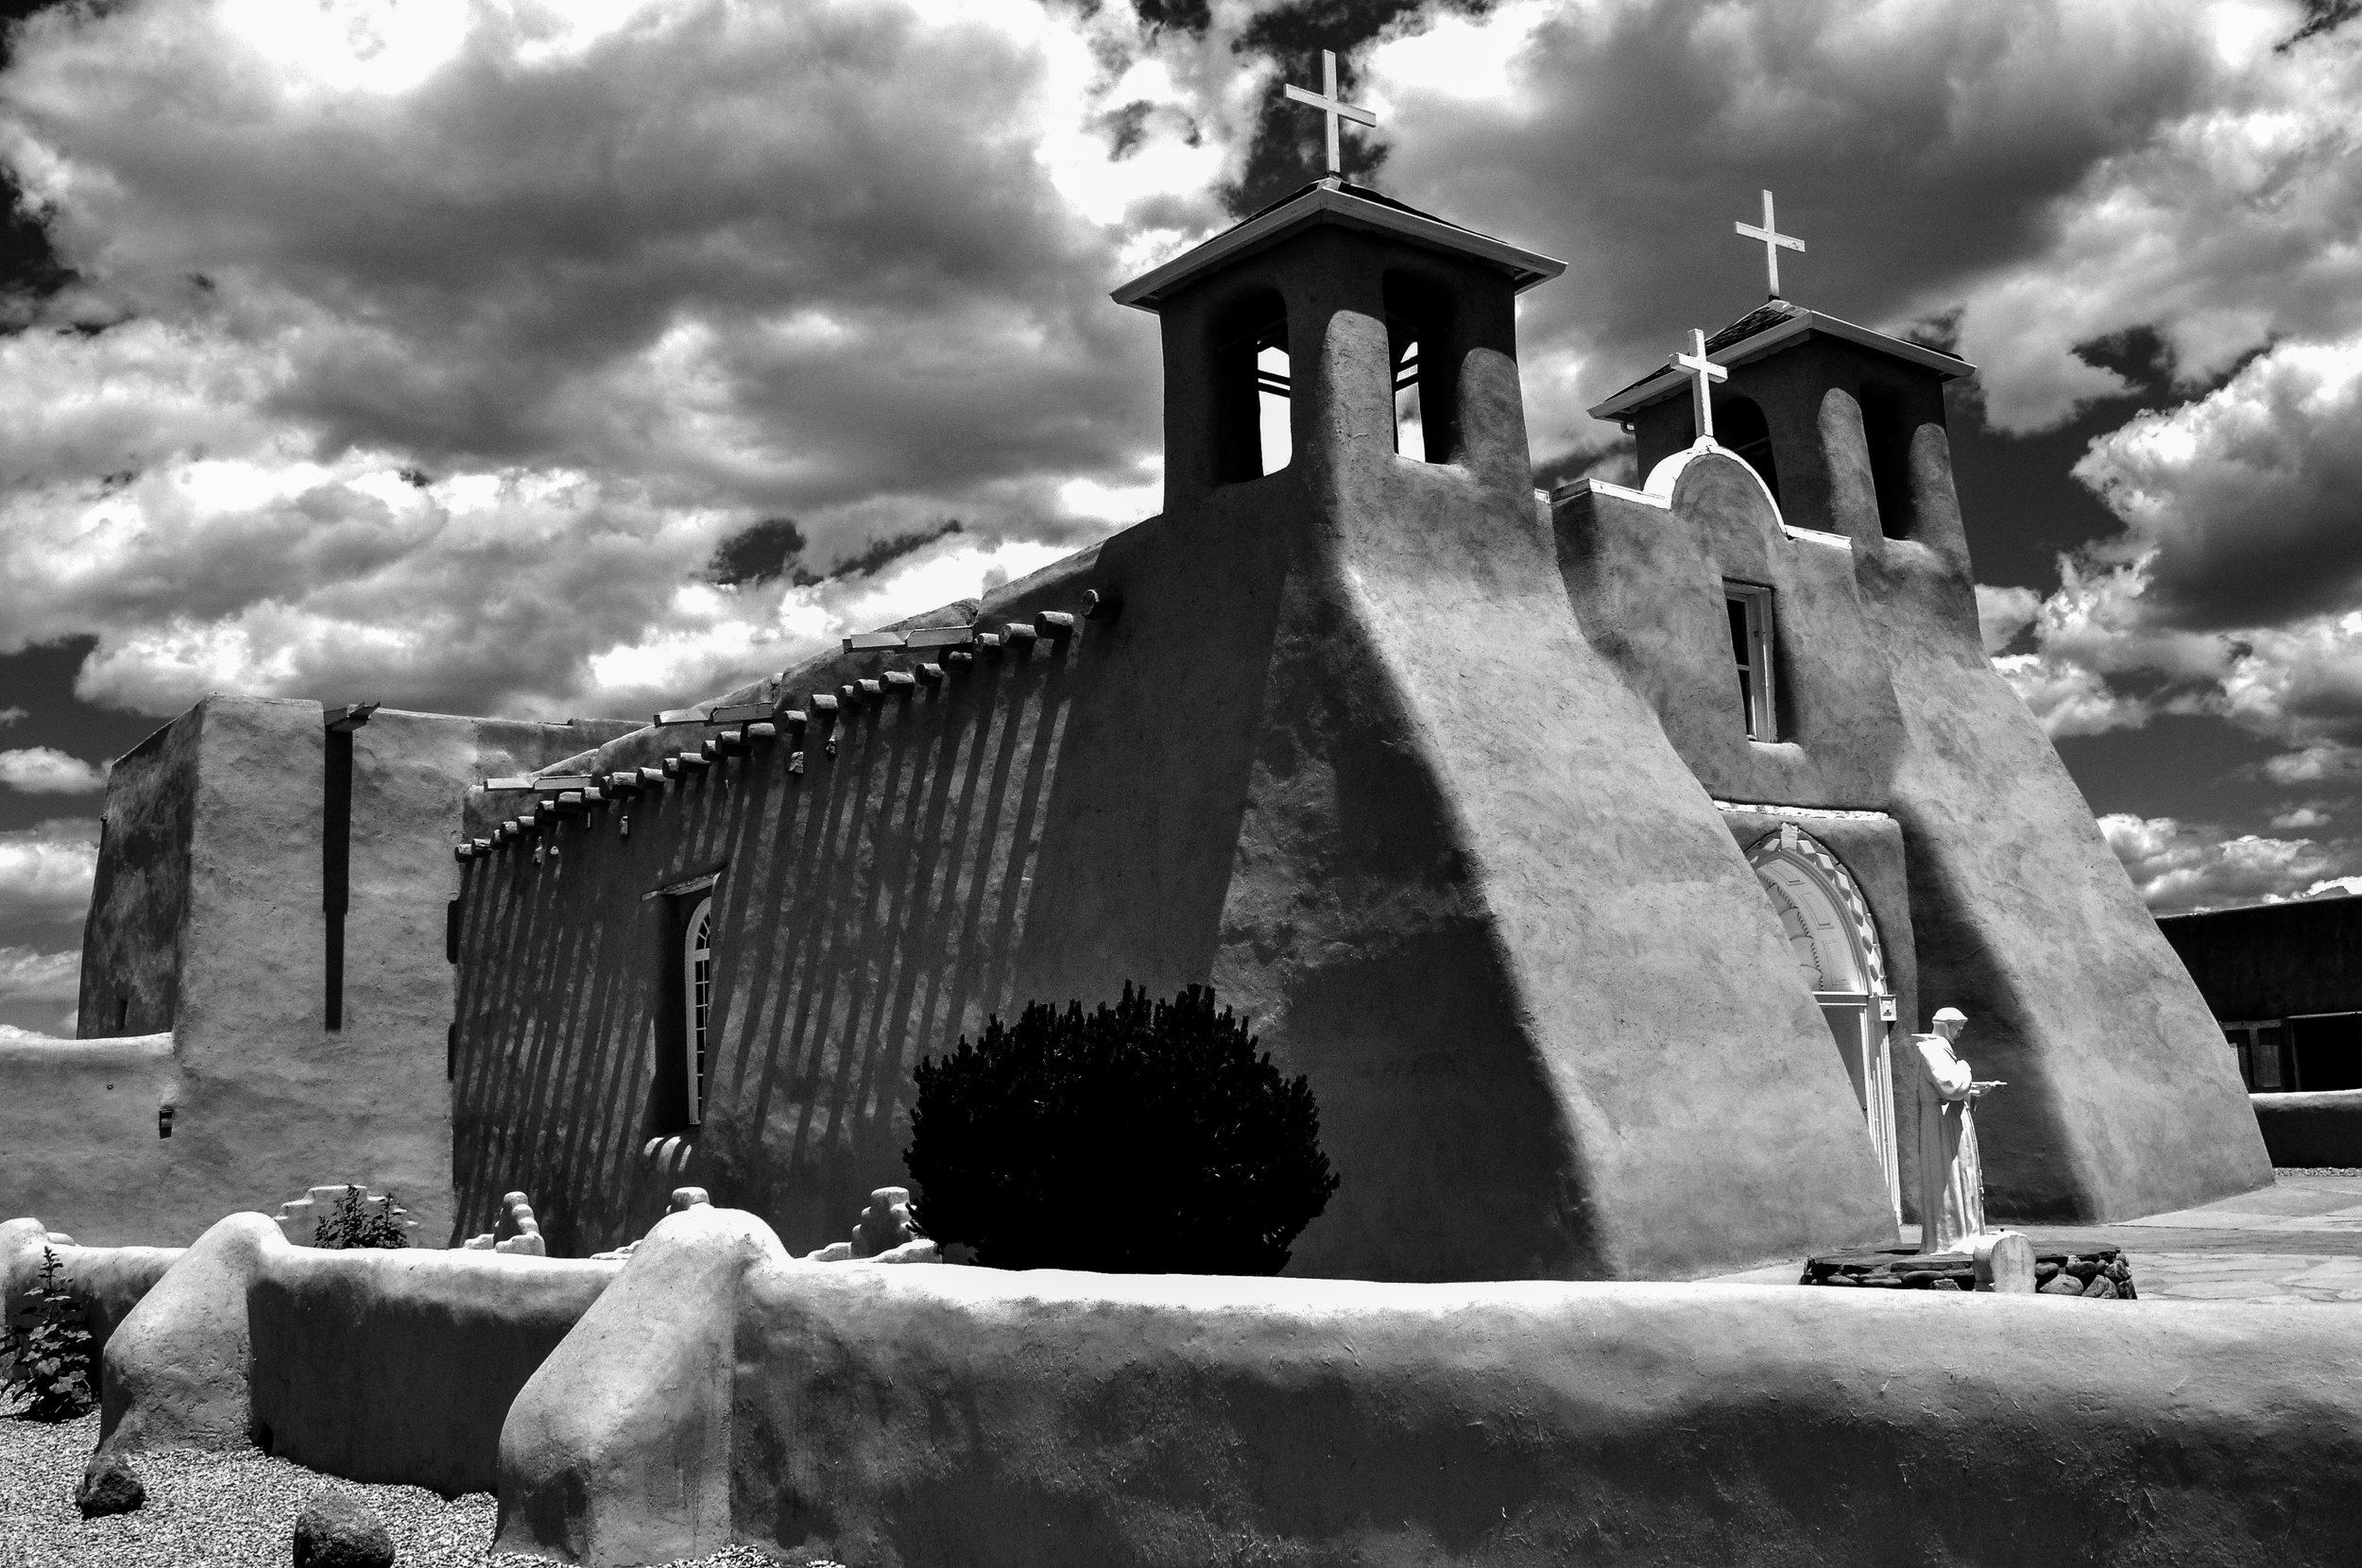 Saint Francis Church, Ranchos de Taos, NM